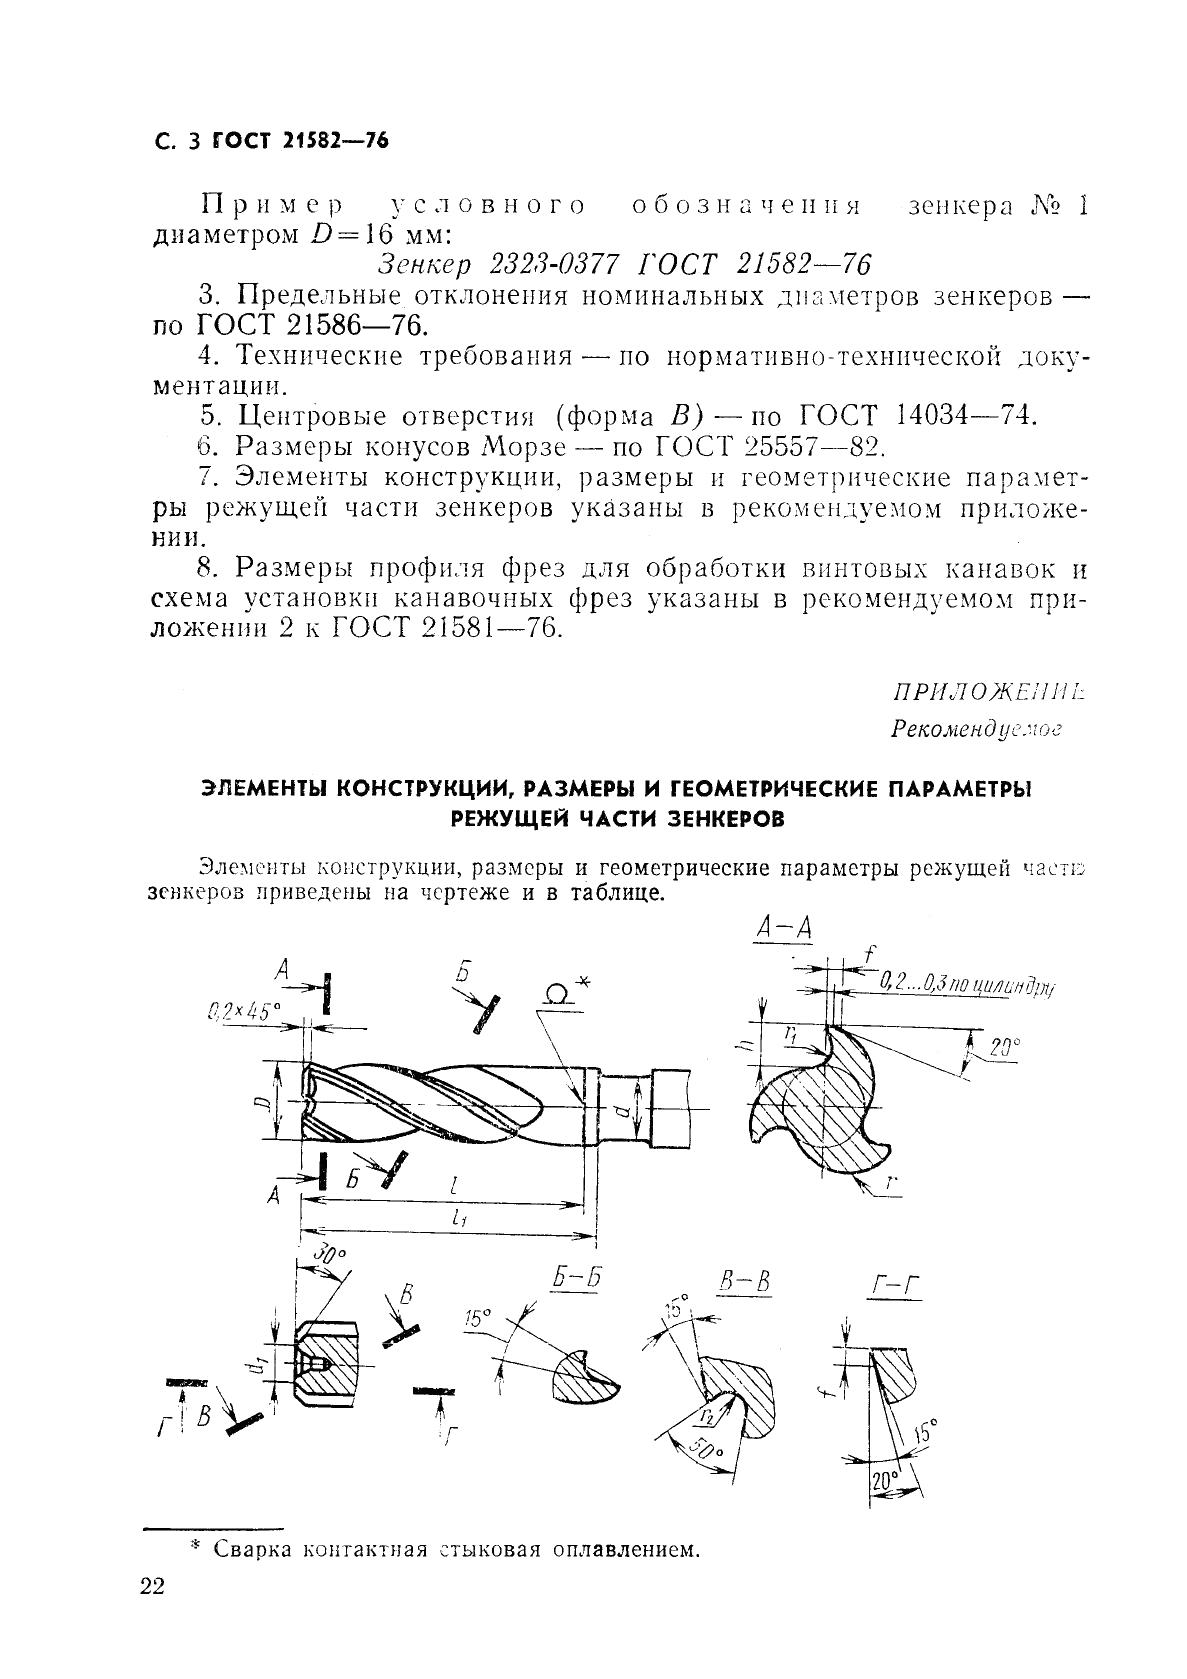 Гост 1677-75* зенкеры цельные и со вставными ножами из быстрорежущей стали. технические условия